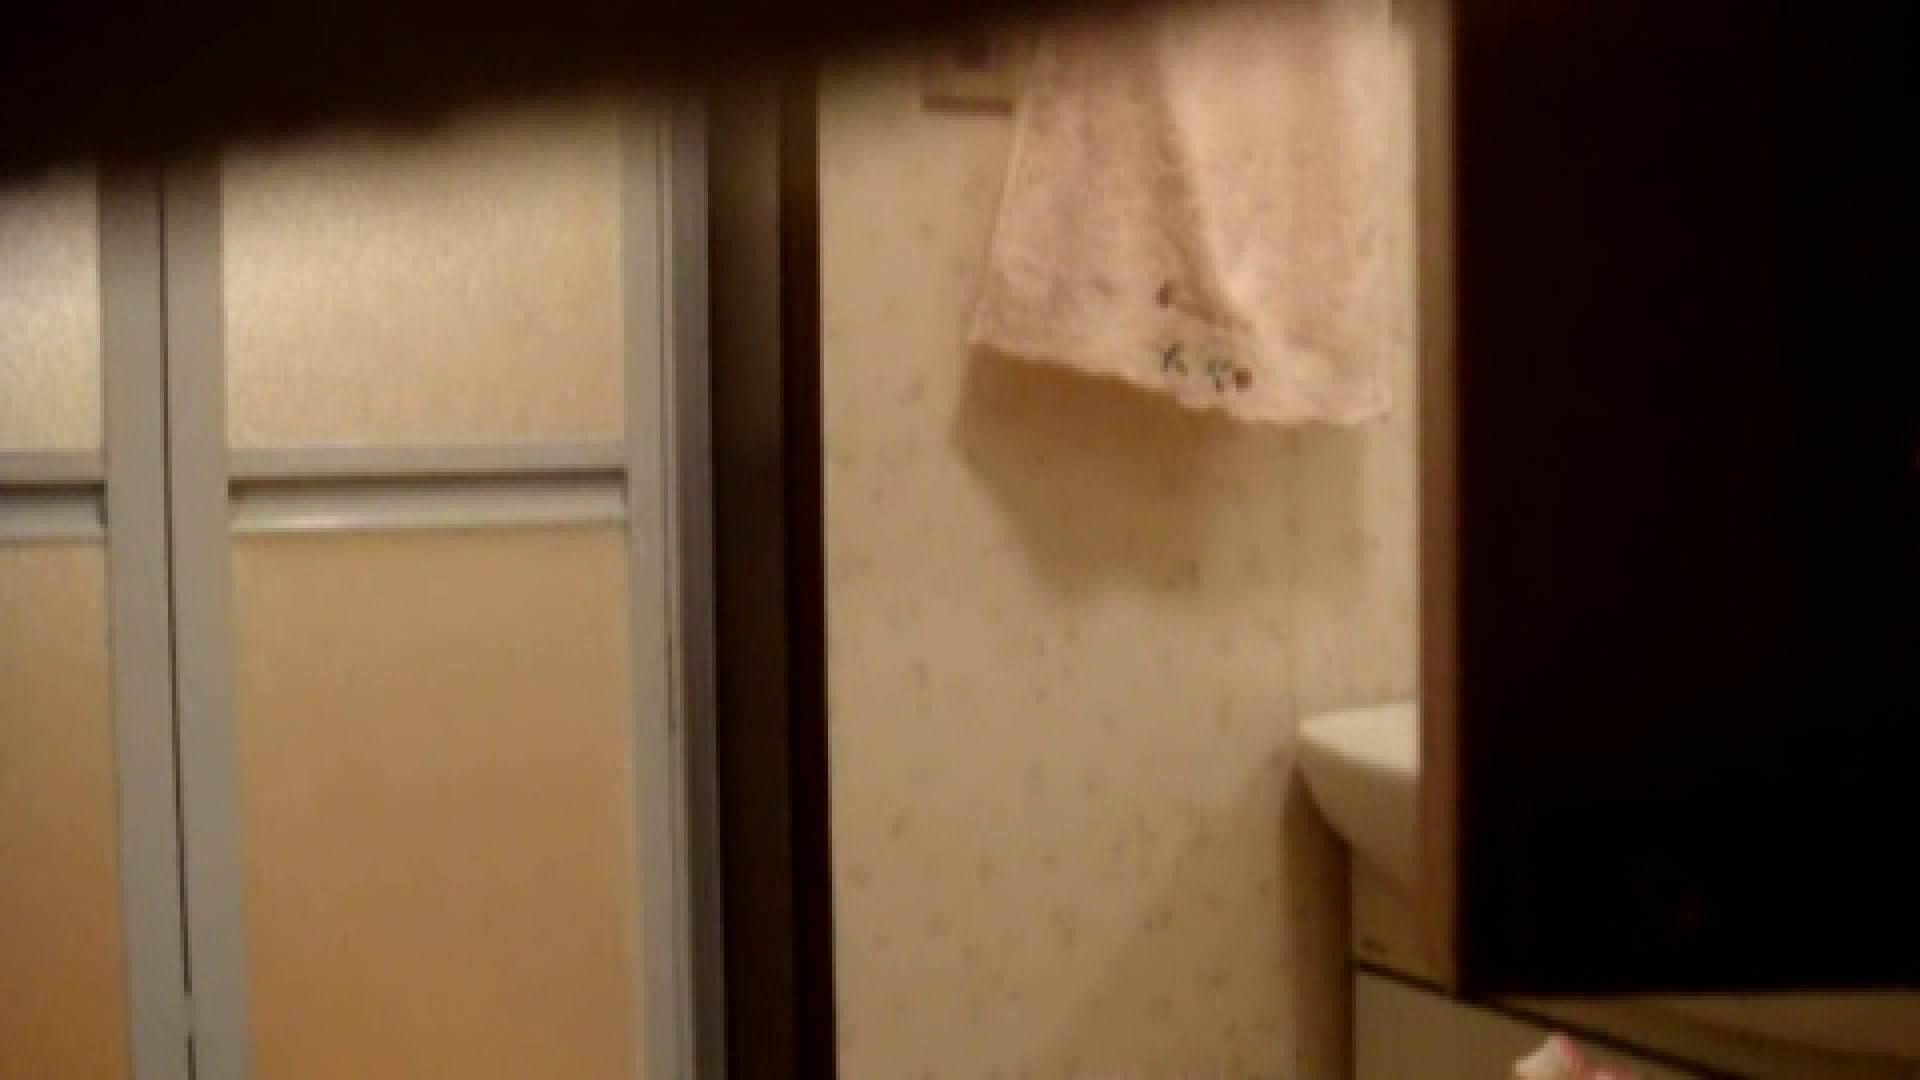 二人とも育てた甲斐がありました… vol.08 まどかの入浴中にカメラに気付いたか!? OLのエロ生活  71連発 6